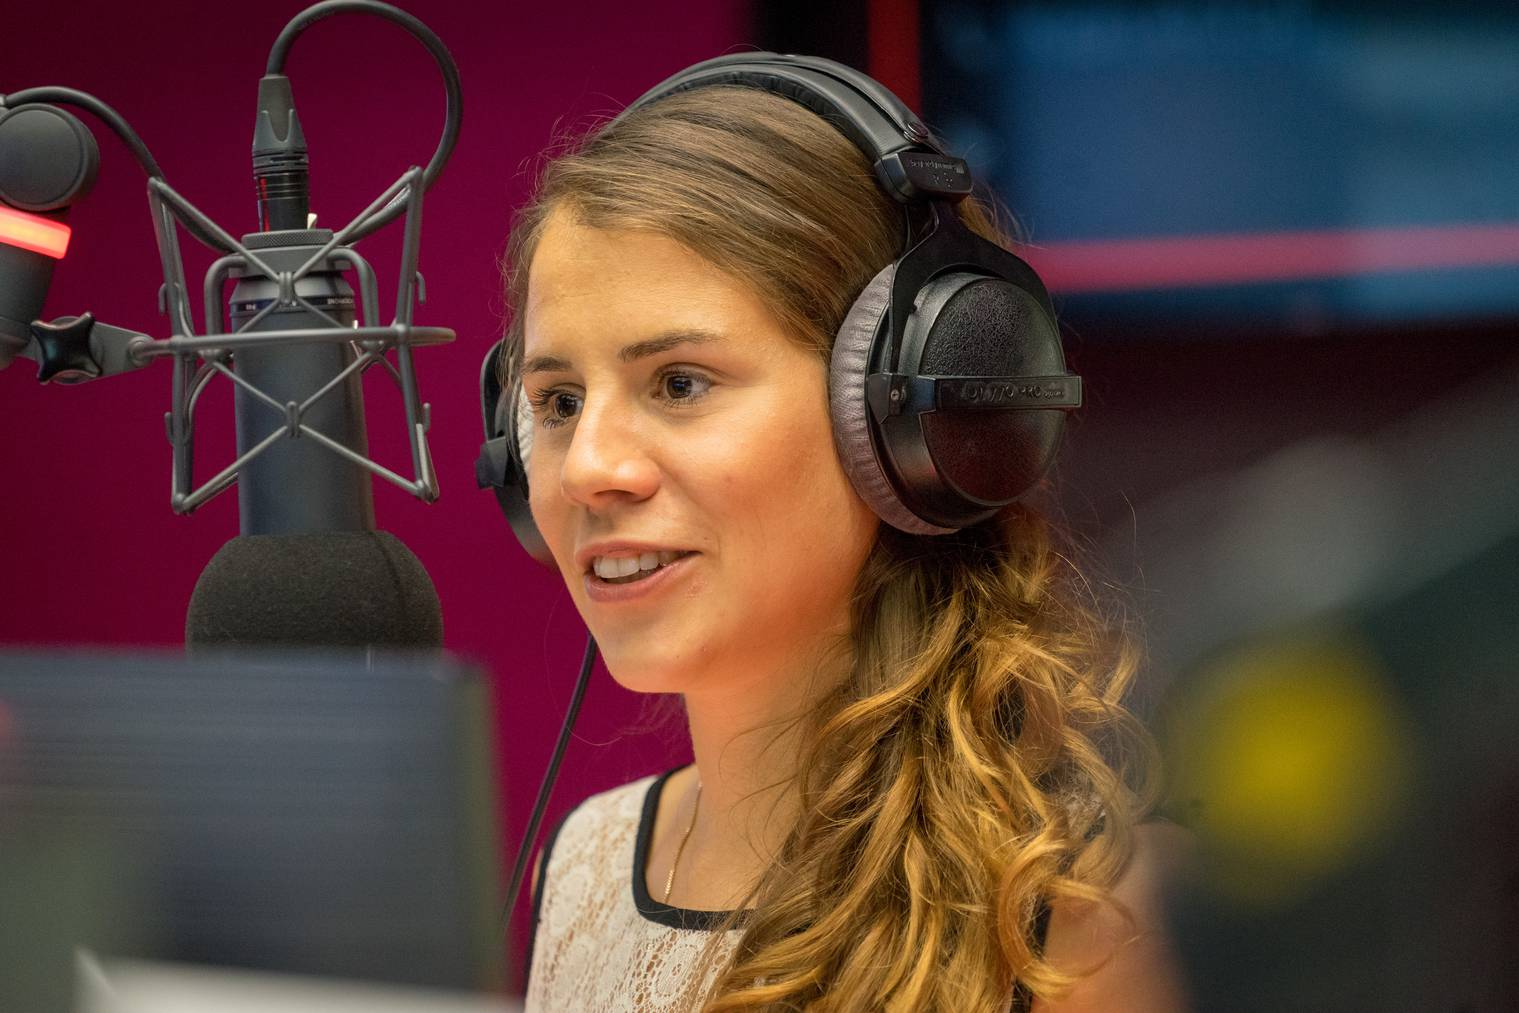 Eliane bei Radio Pilatus